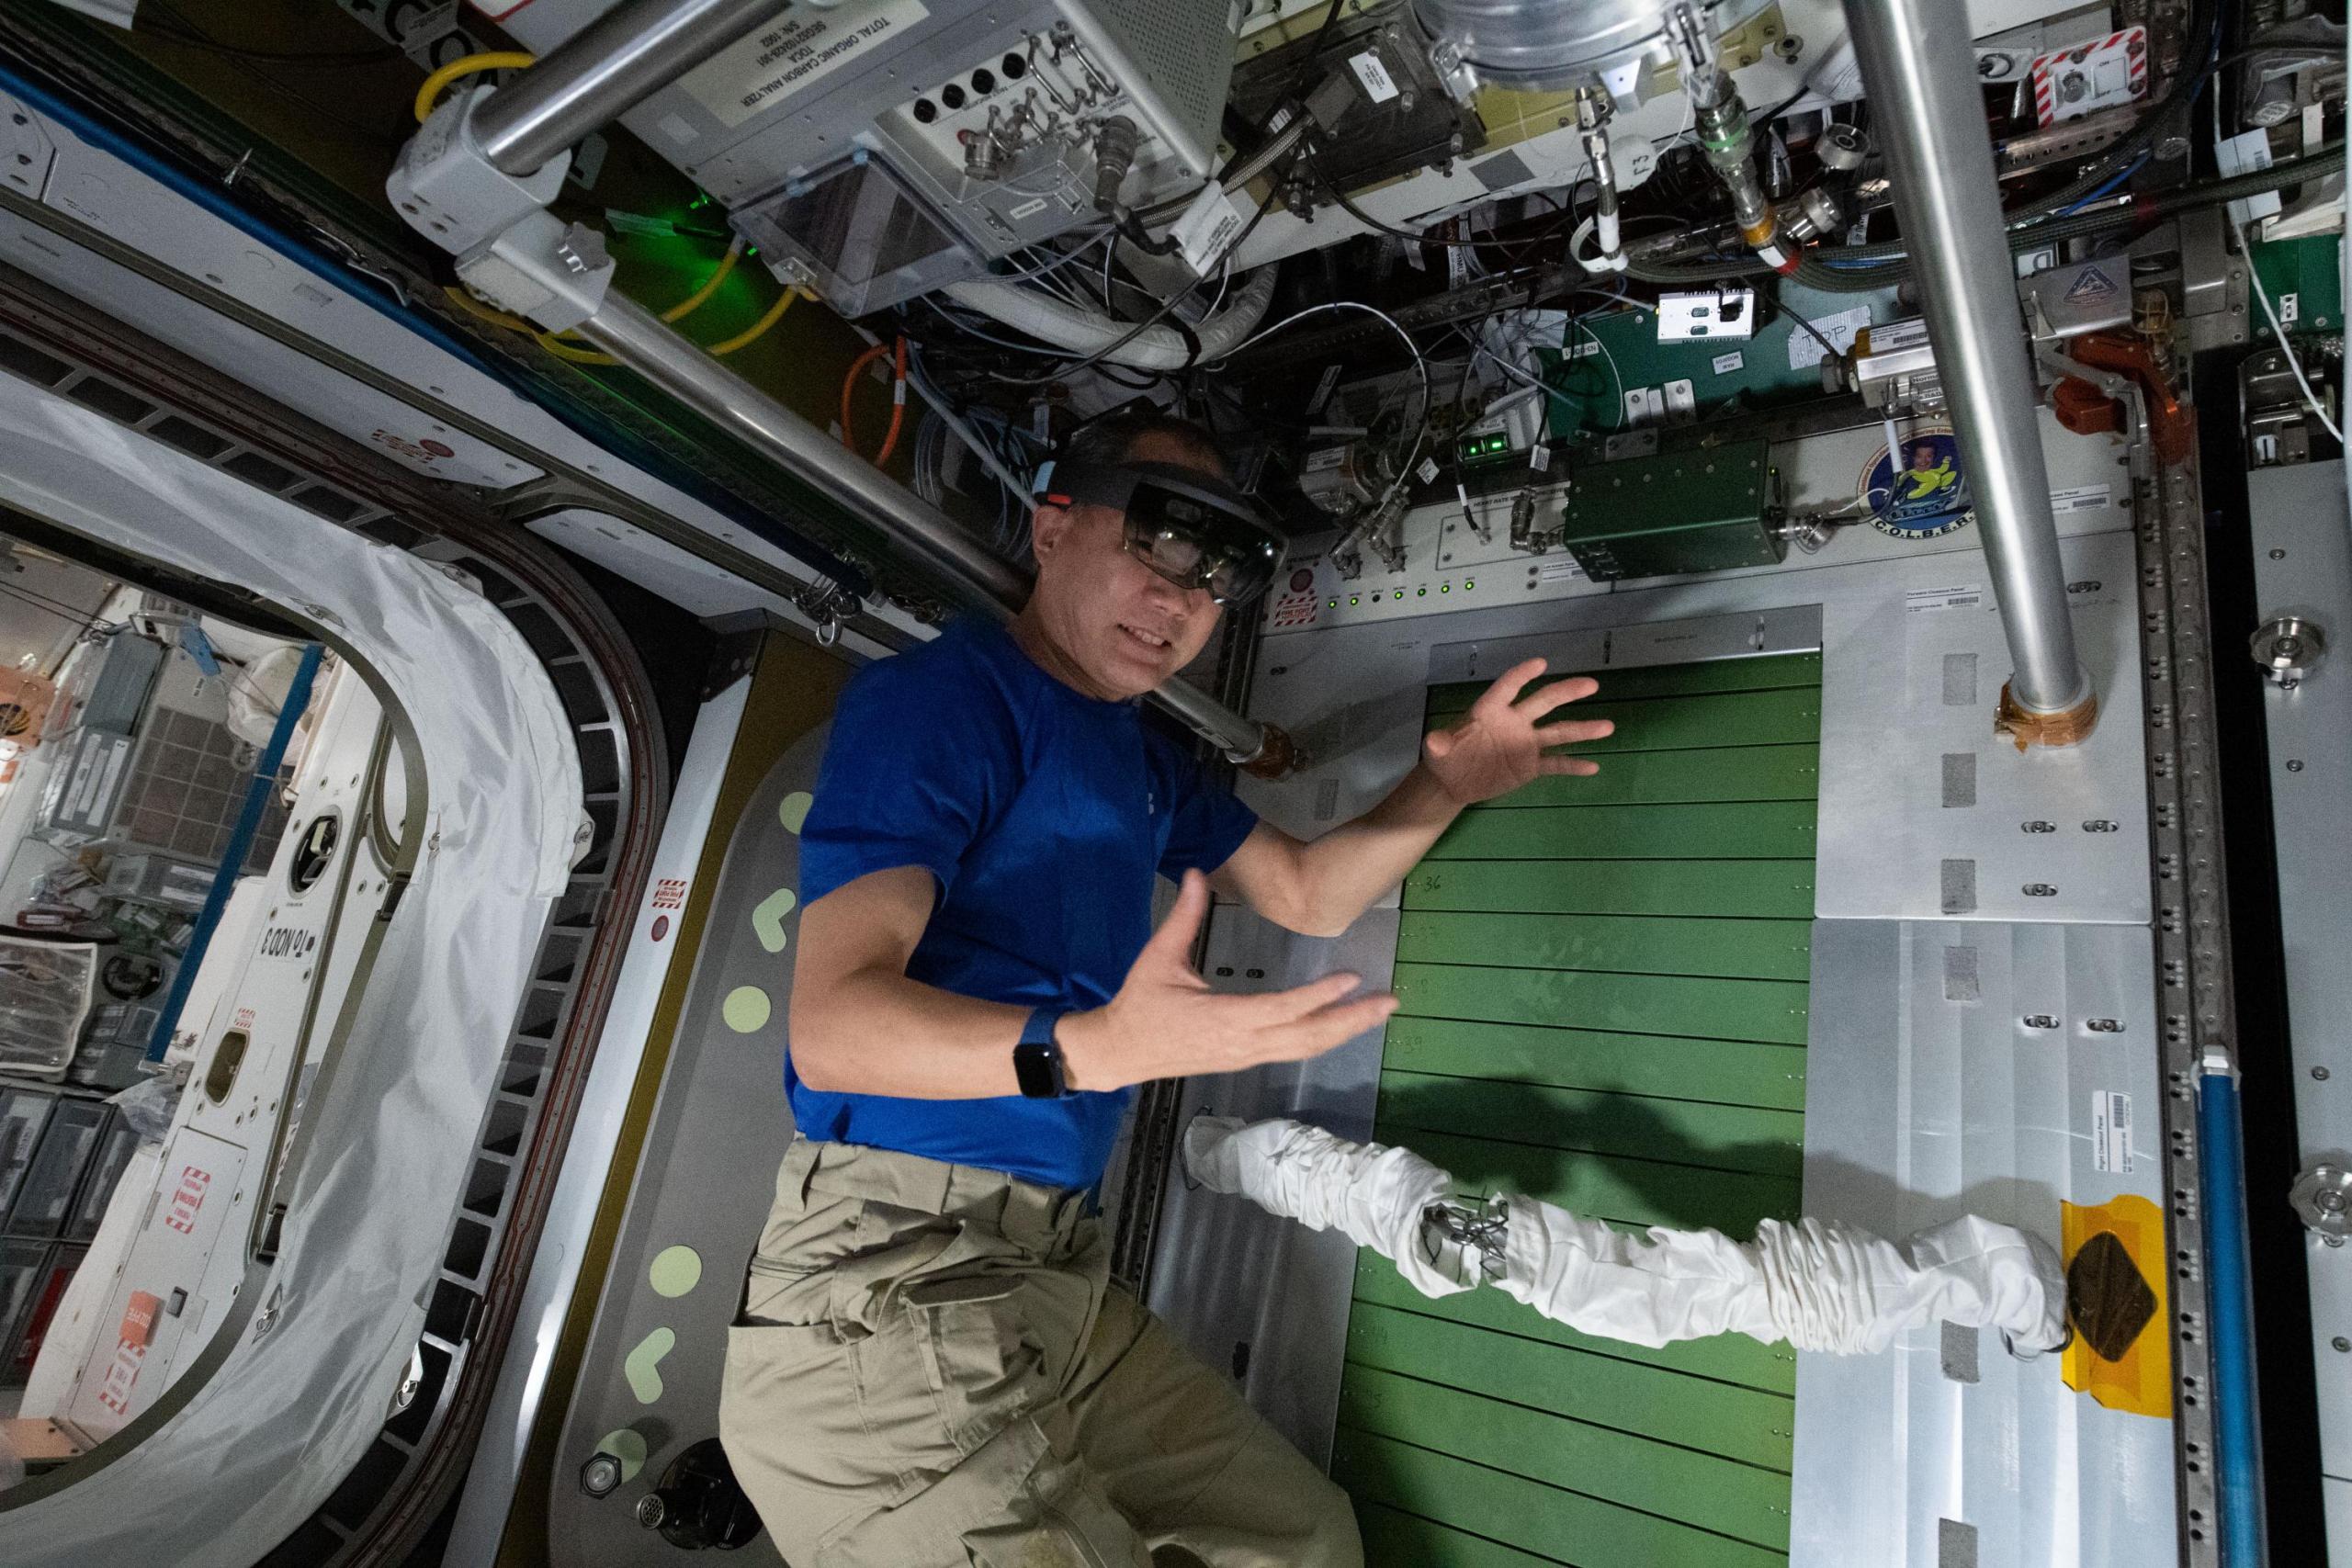 imagen de astronauta usando gafas de VR